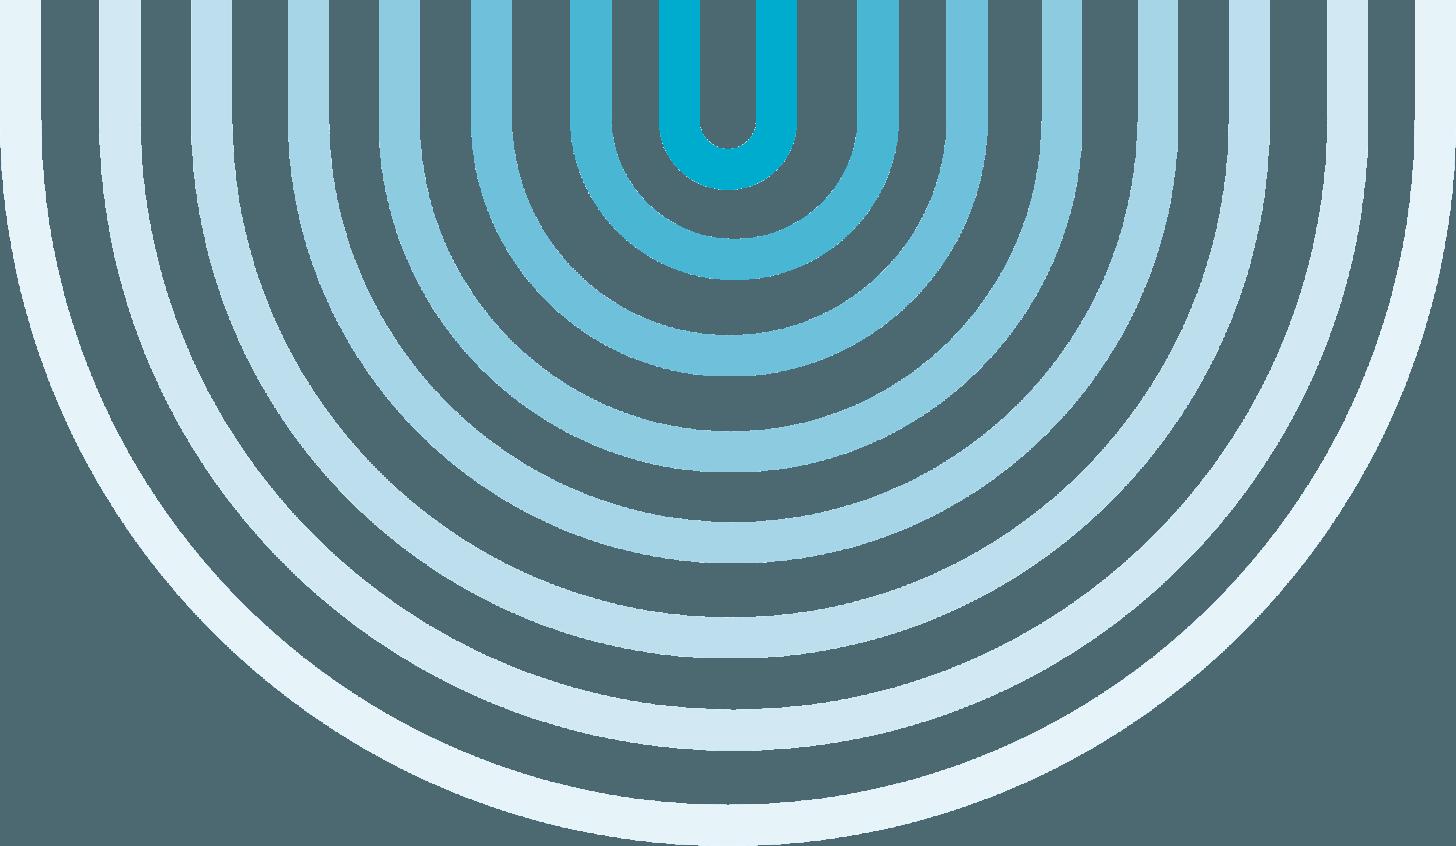 2. ringen voorwoord